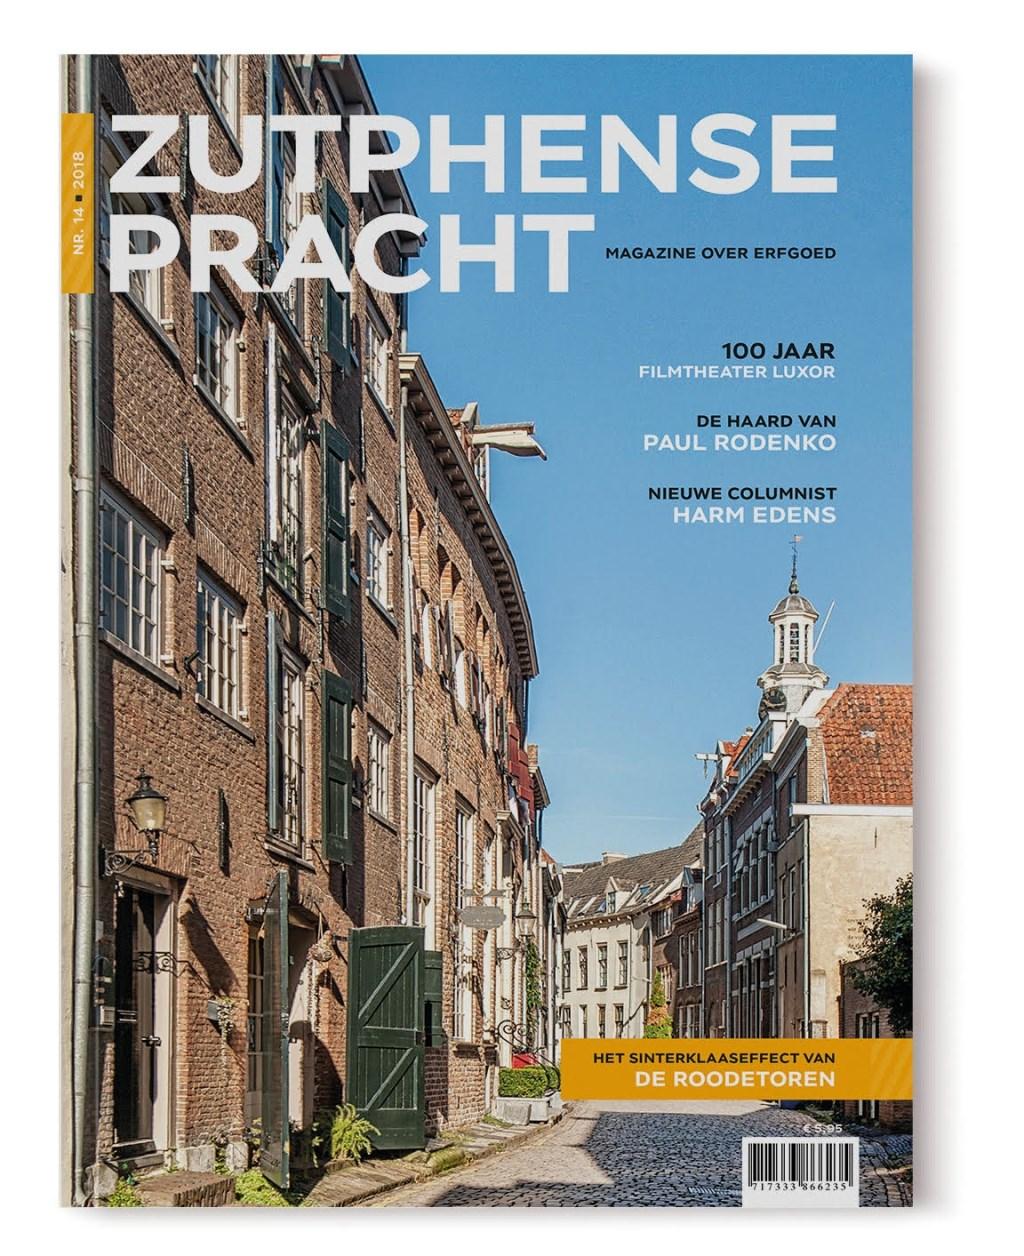 De Cover van de Zutphense Pracht. Foto: PR  © Achterhoek Nieuws b.v.